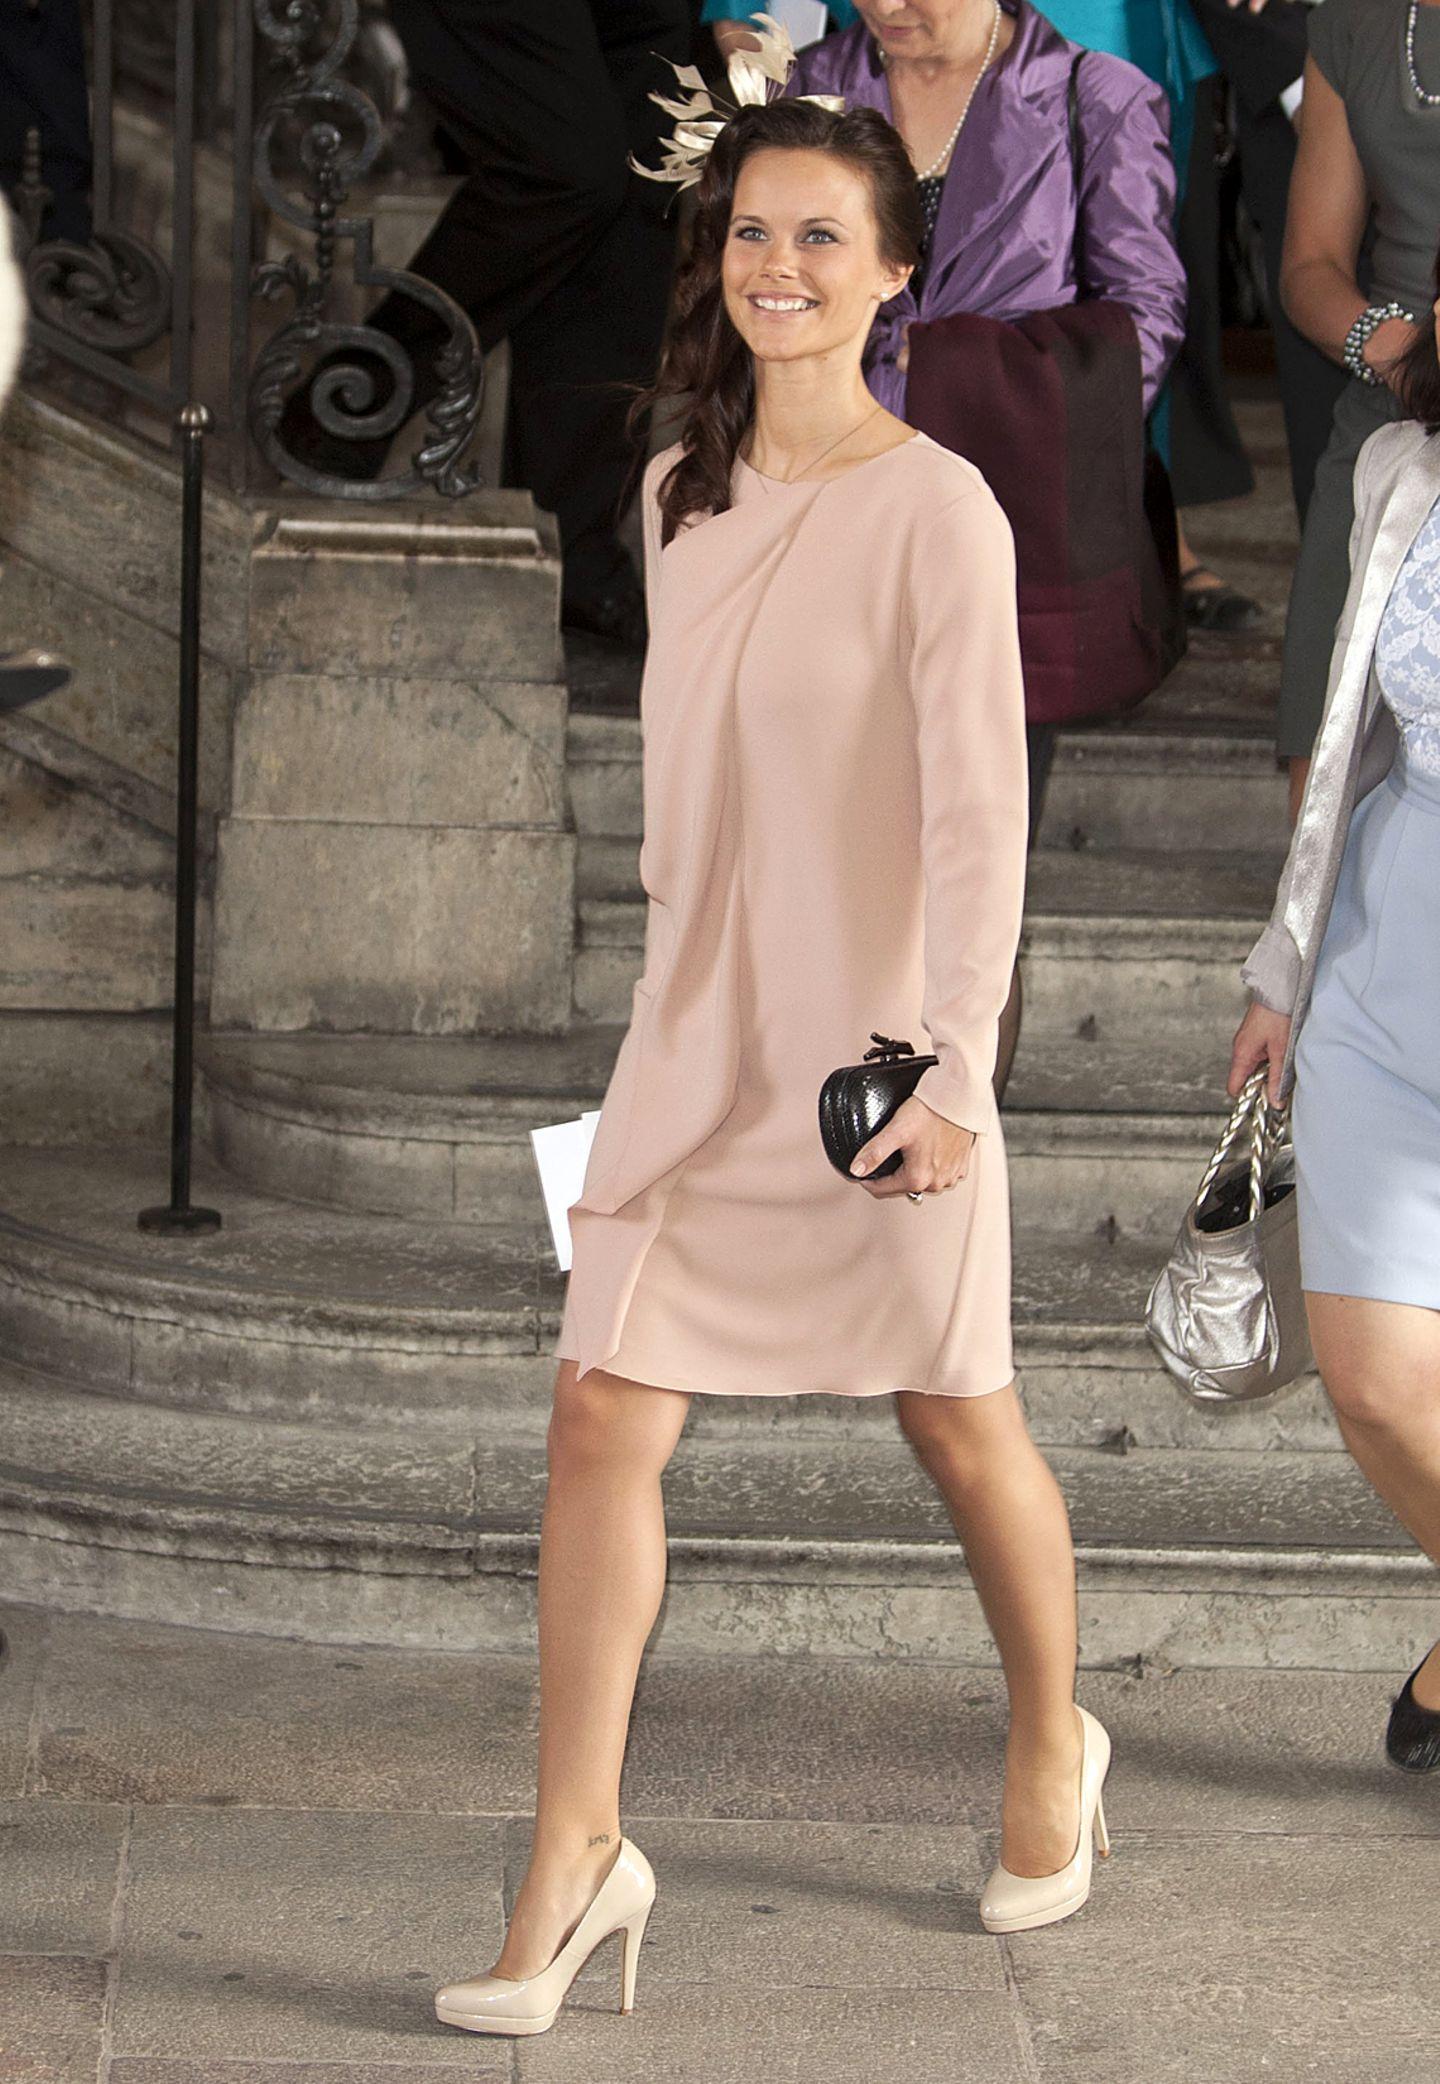 Die Taufe der kleinen Prinzessin Estelle im Mai 2012 war eines der ersten offiziellen Events, das Sofia Hellqvist absolviert hat. Im mattrosa Chiffon-Dress mit schicken Fascinator-Hütchen und nudefarbenen Pumps hat sie das modisch hervorragend gemeistert.